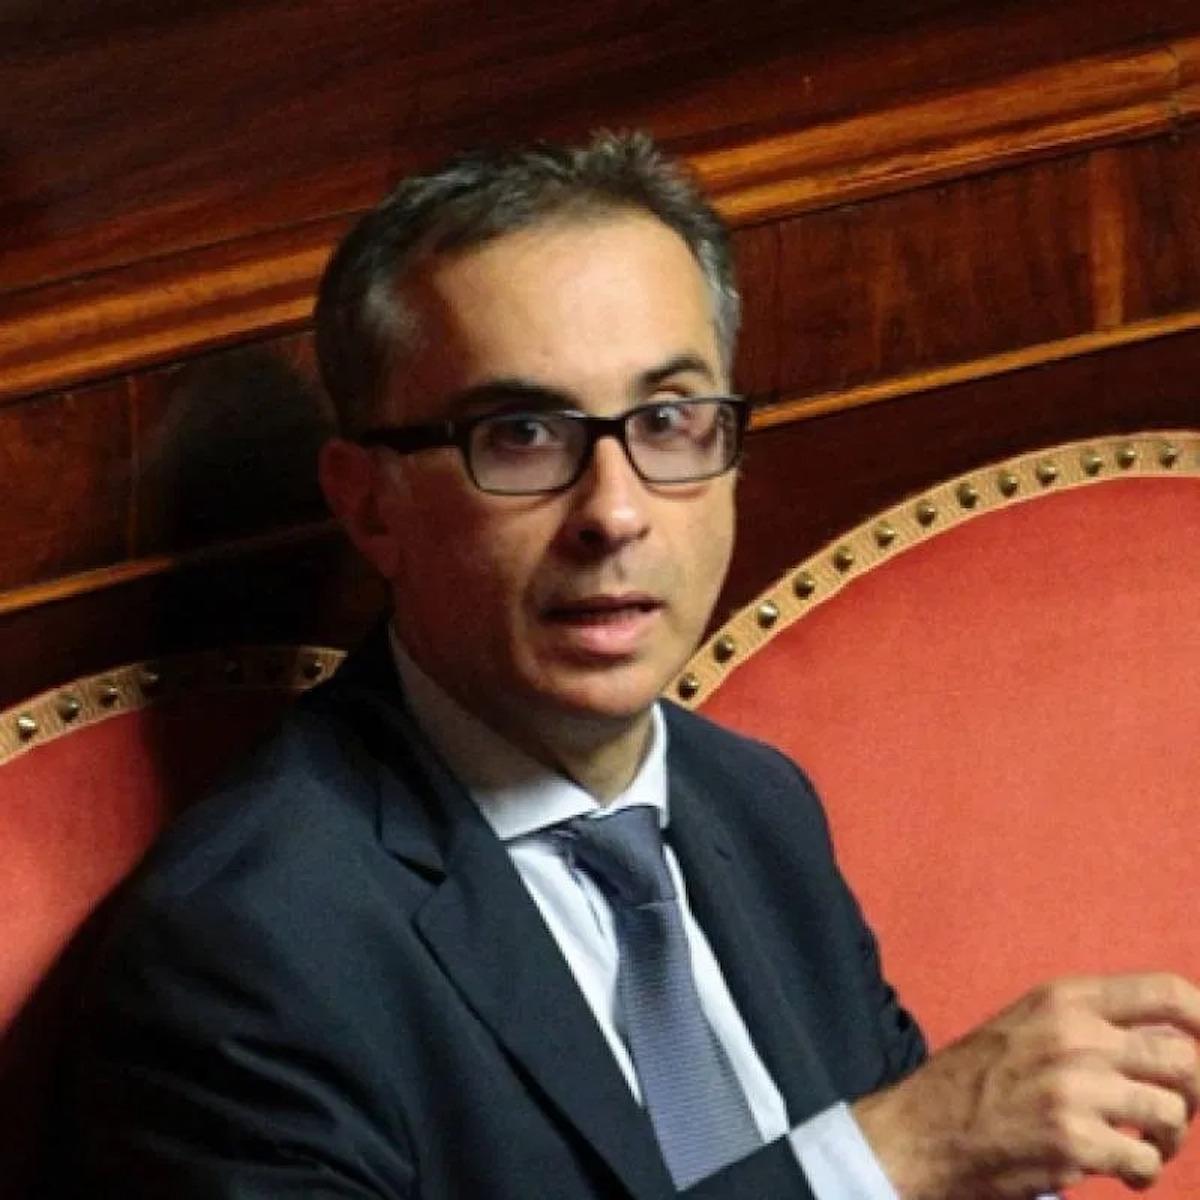 Crisi e fiducia: chi è Alfonso Lello Ciampolillo, il senatore che ha salvato il governo Conte in extremis